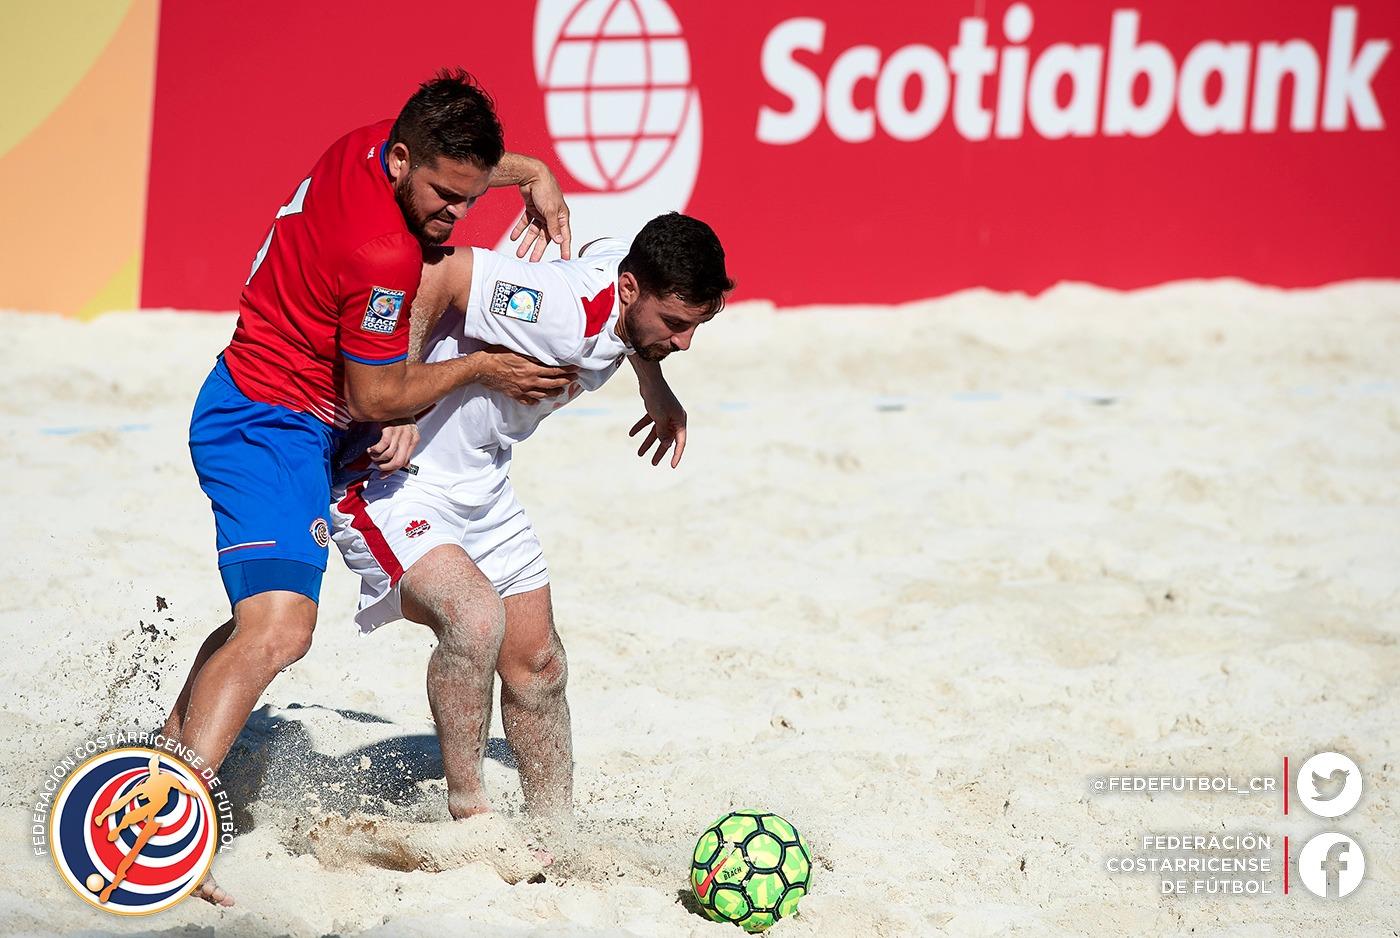 Sele de Playa derrotó a Canadá